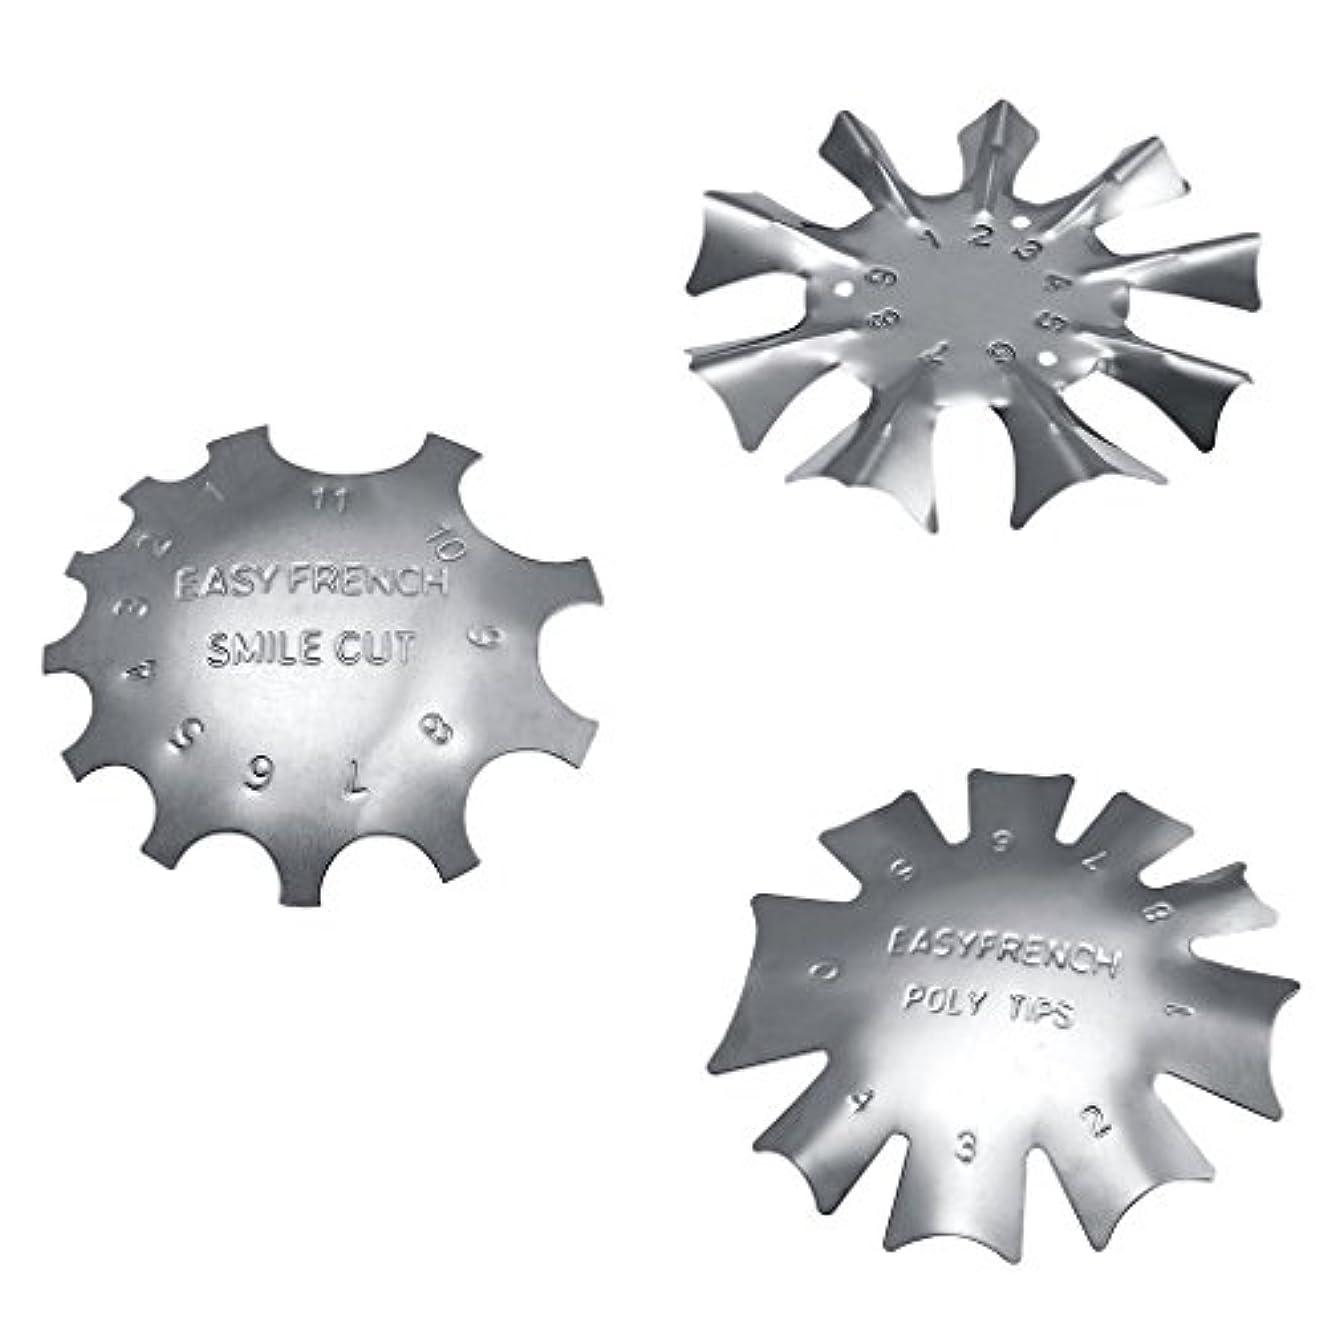 言い換えるとまさに電気技師ネイルアートに適したステンレス鋼フレンチネイルトリマートリマーネイルテンプレート3枚